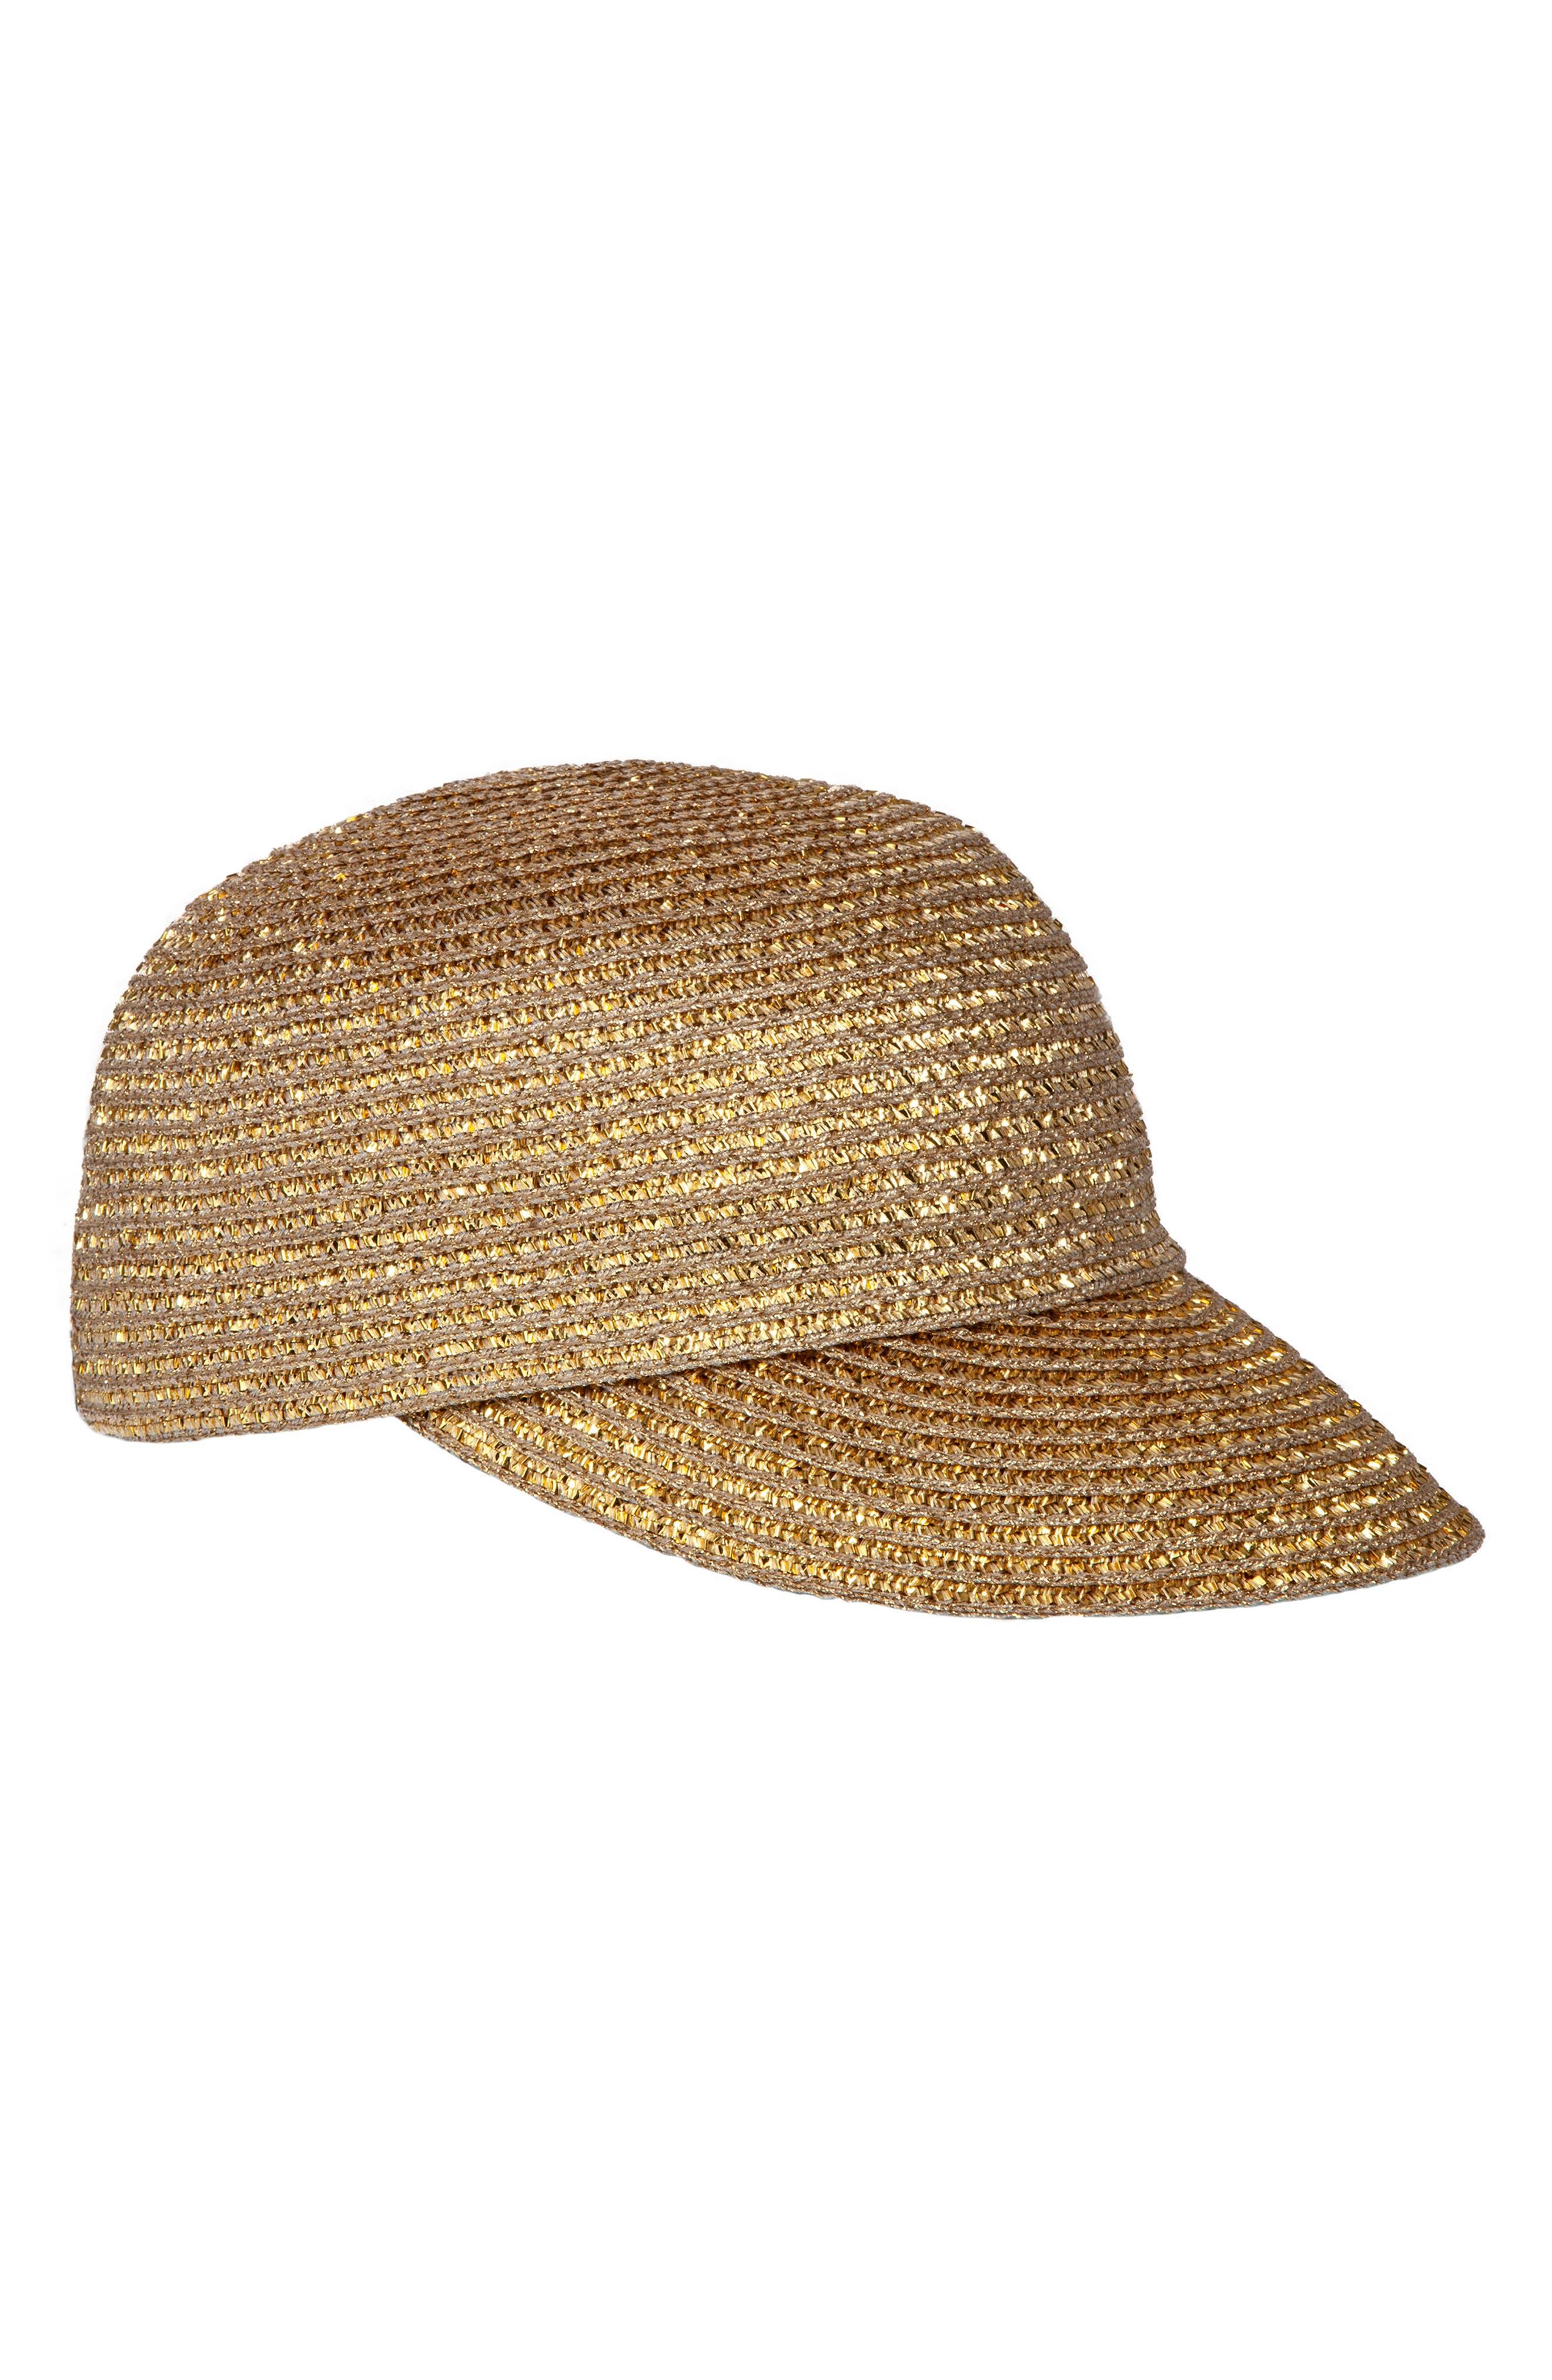 Baseball Caps  d9f8d7a2030a